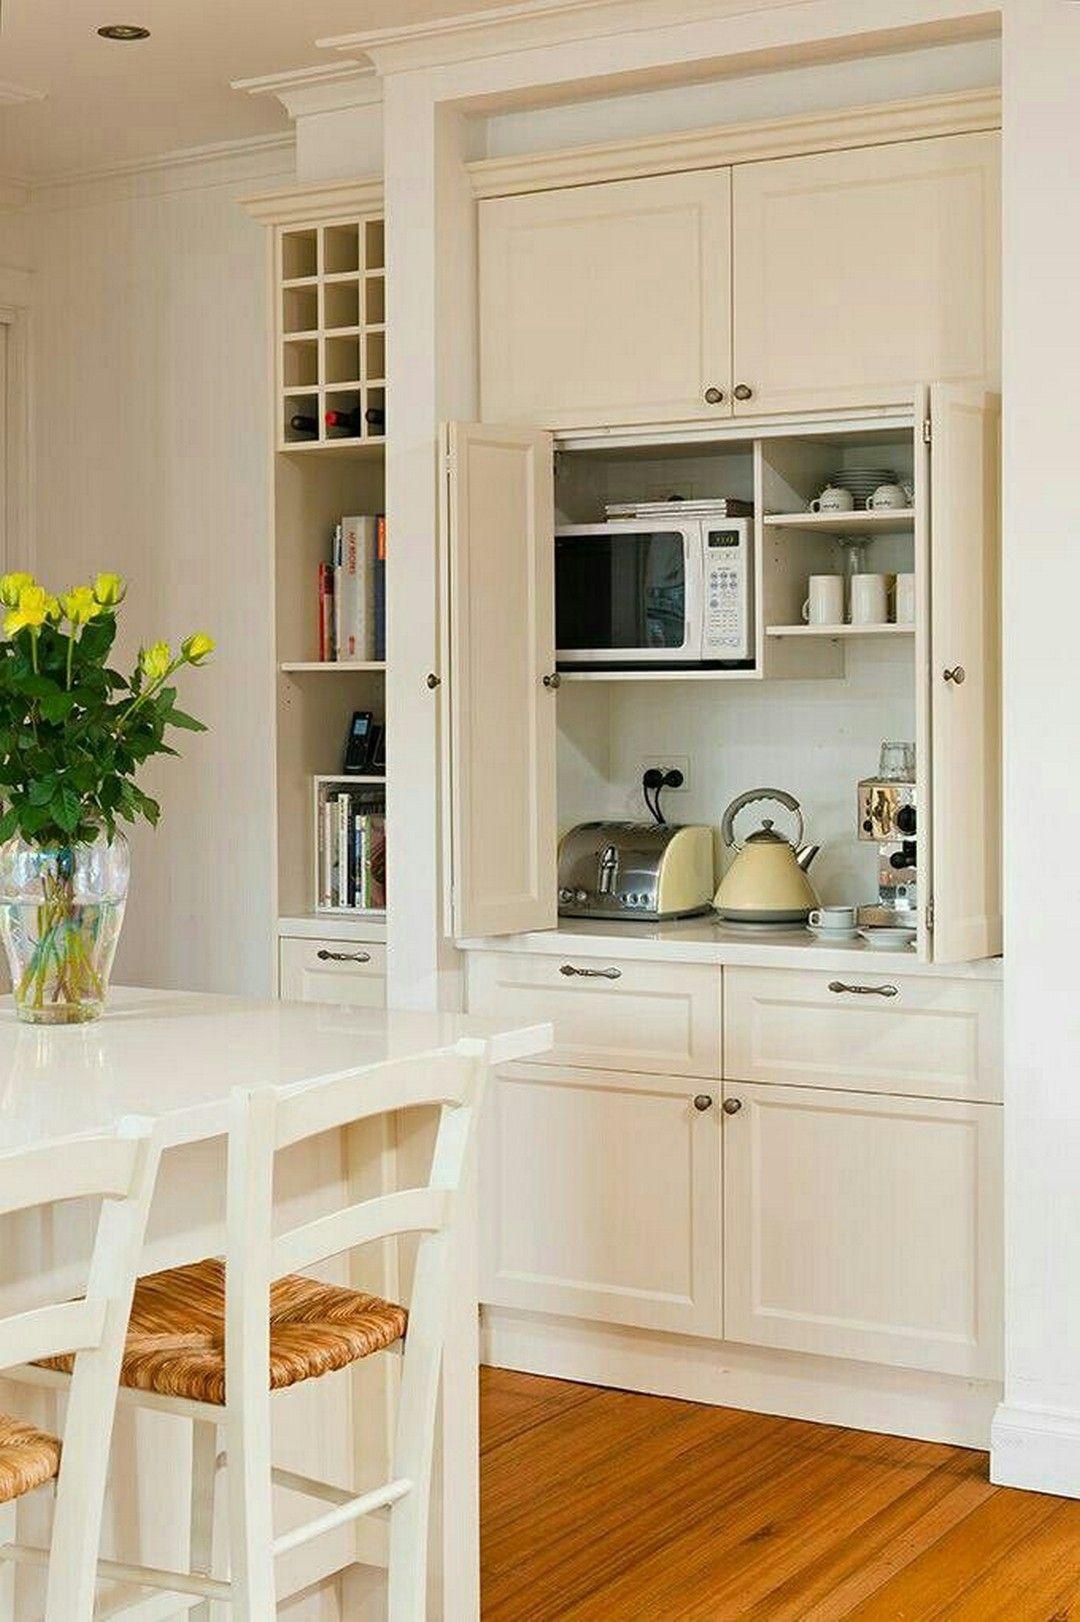 27 Useful Kitchen Cabinets For Storage Kitchen Renovation New Kitchen Cabinets Kitchen Design